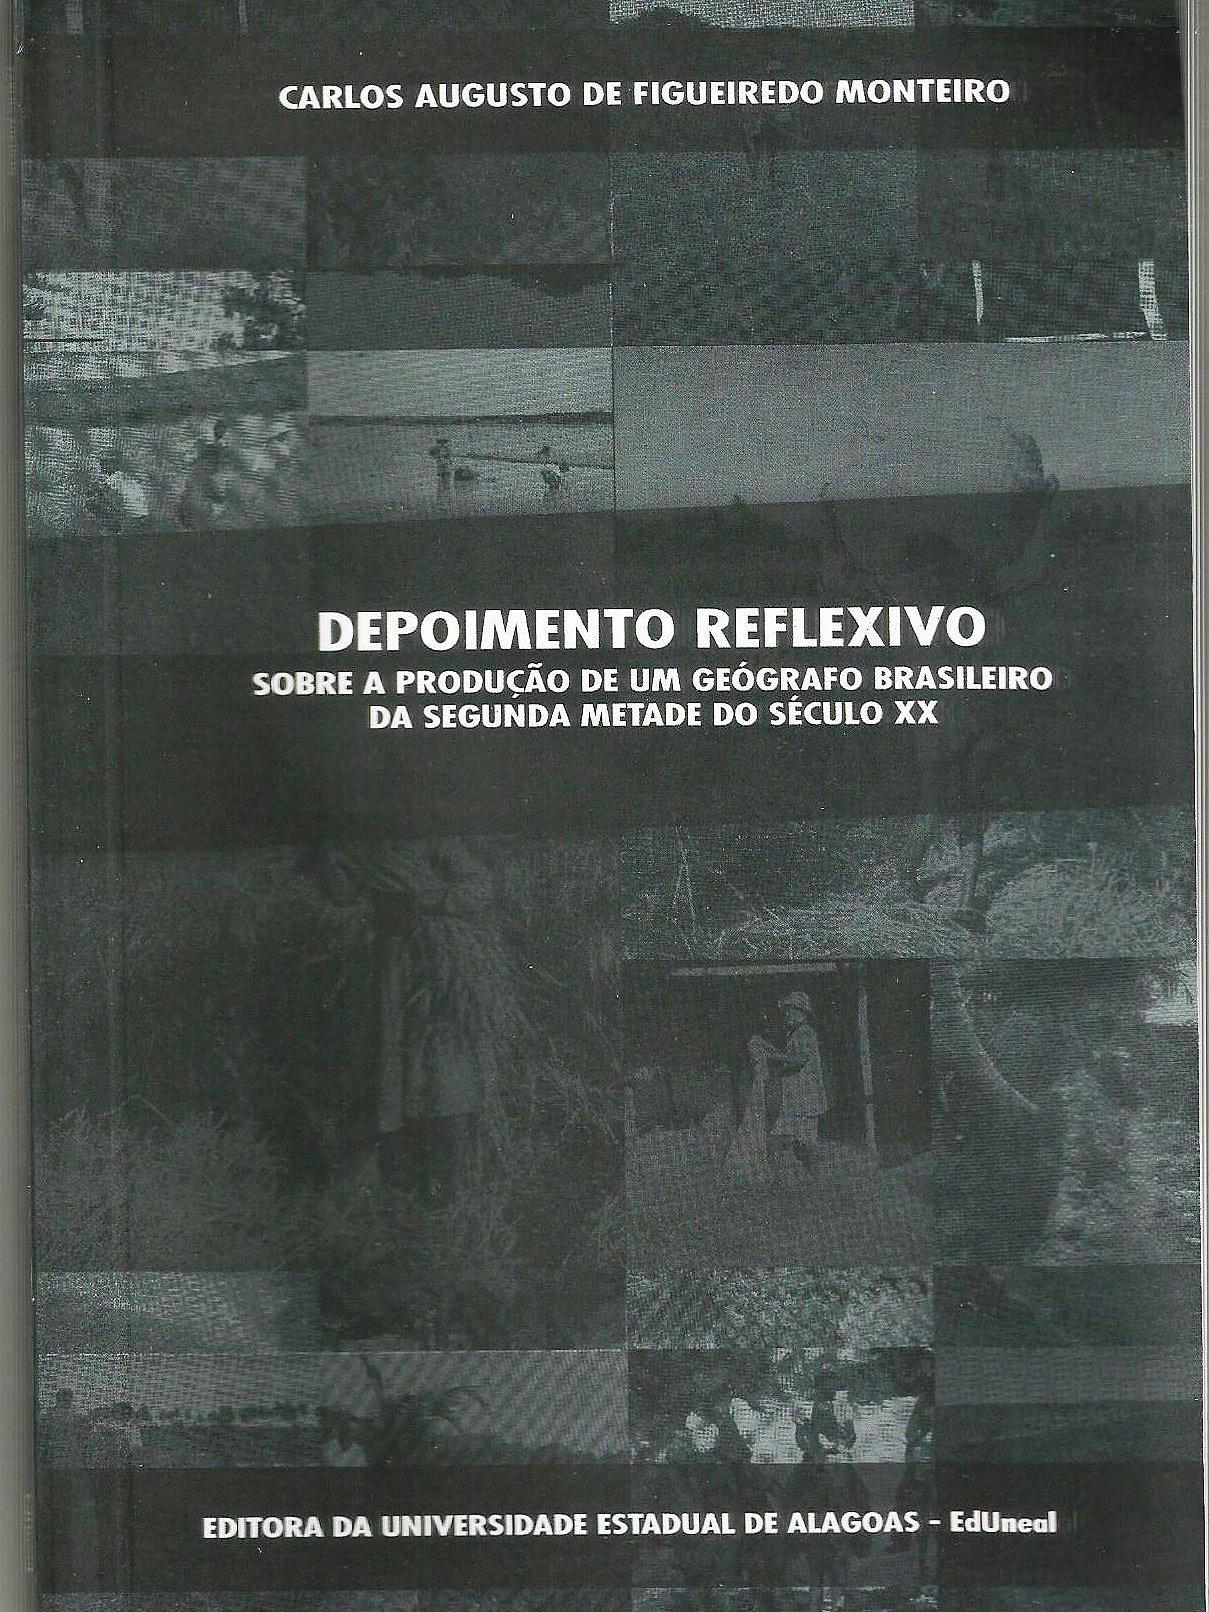 Depoimento Reflexivo sobre a produção, livro de Carlos Augusto de Figueredo Monteiro